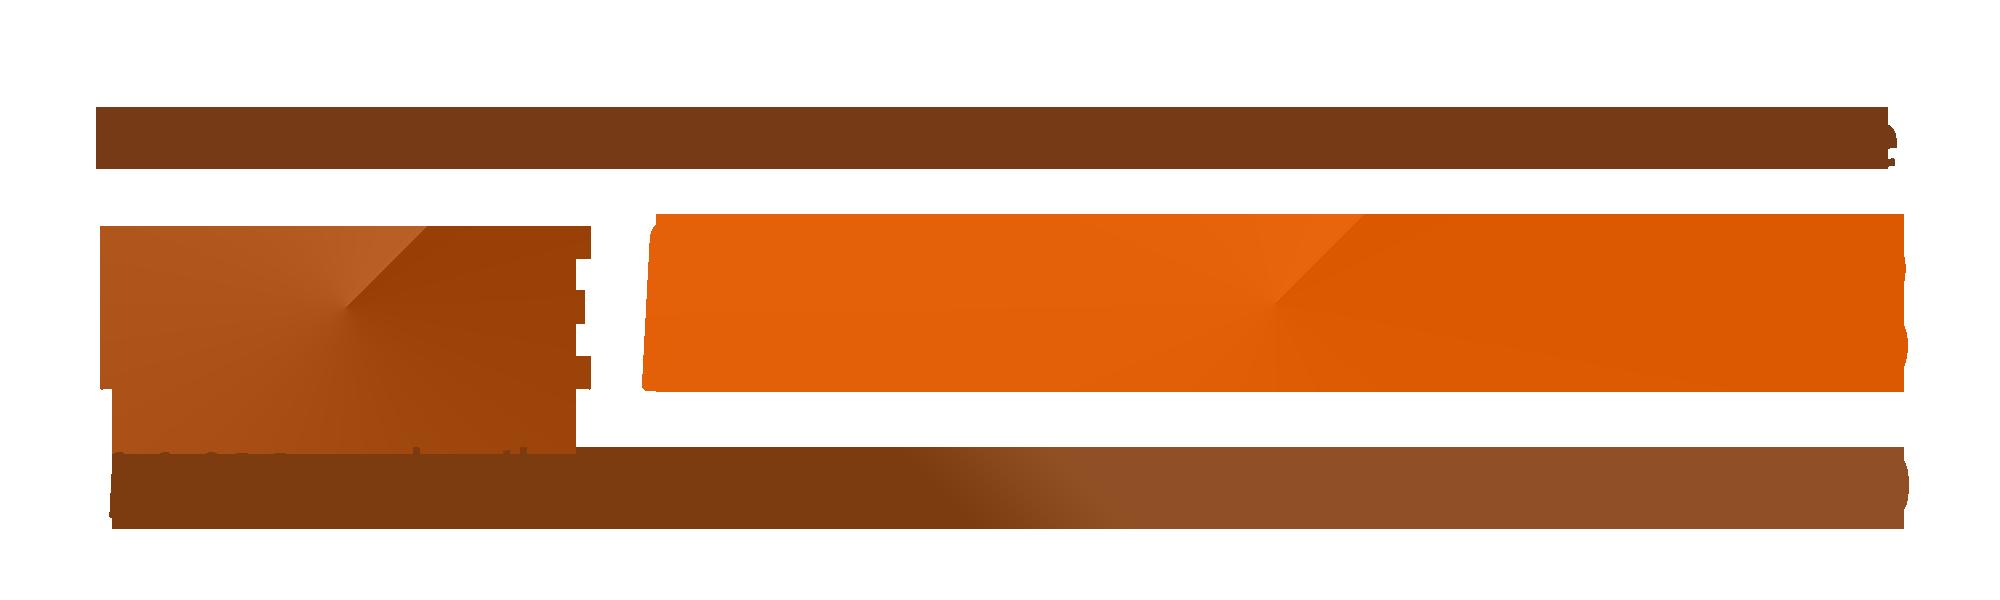 MELECON18